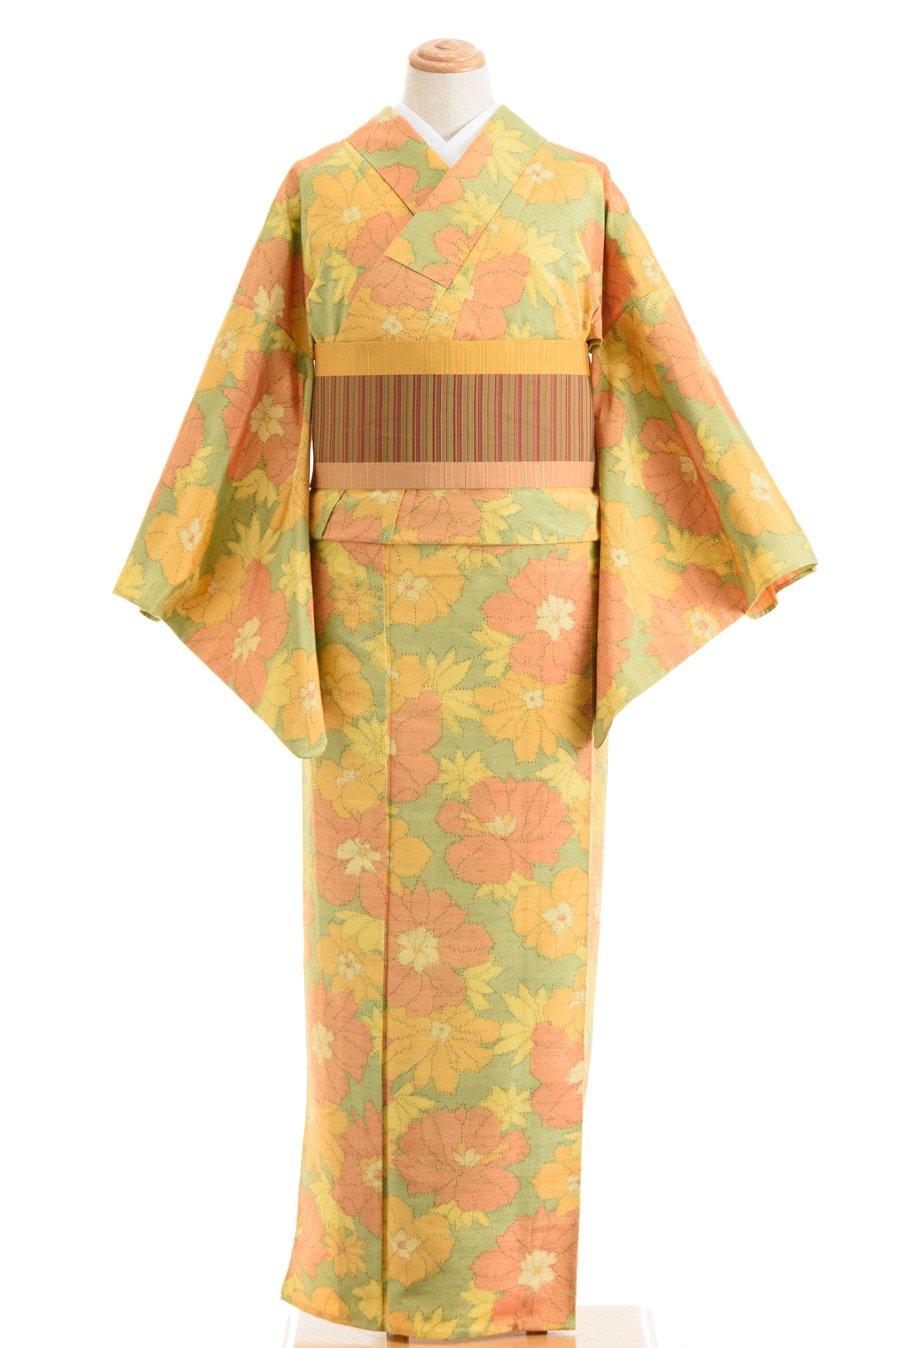 「単衣 紬 黄色やオレンジ色の花」の商品画像